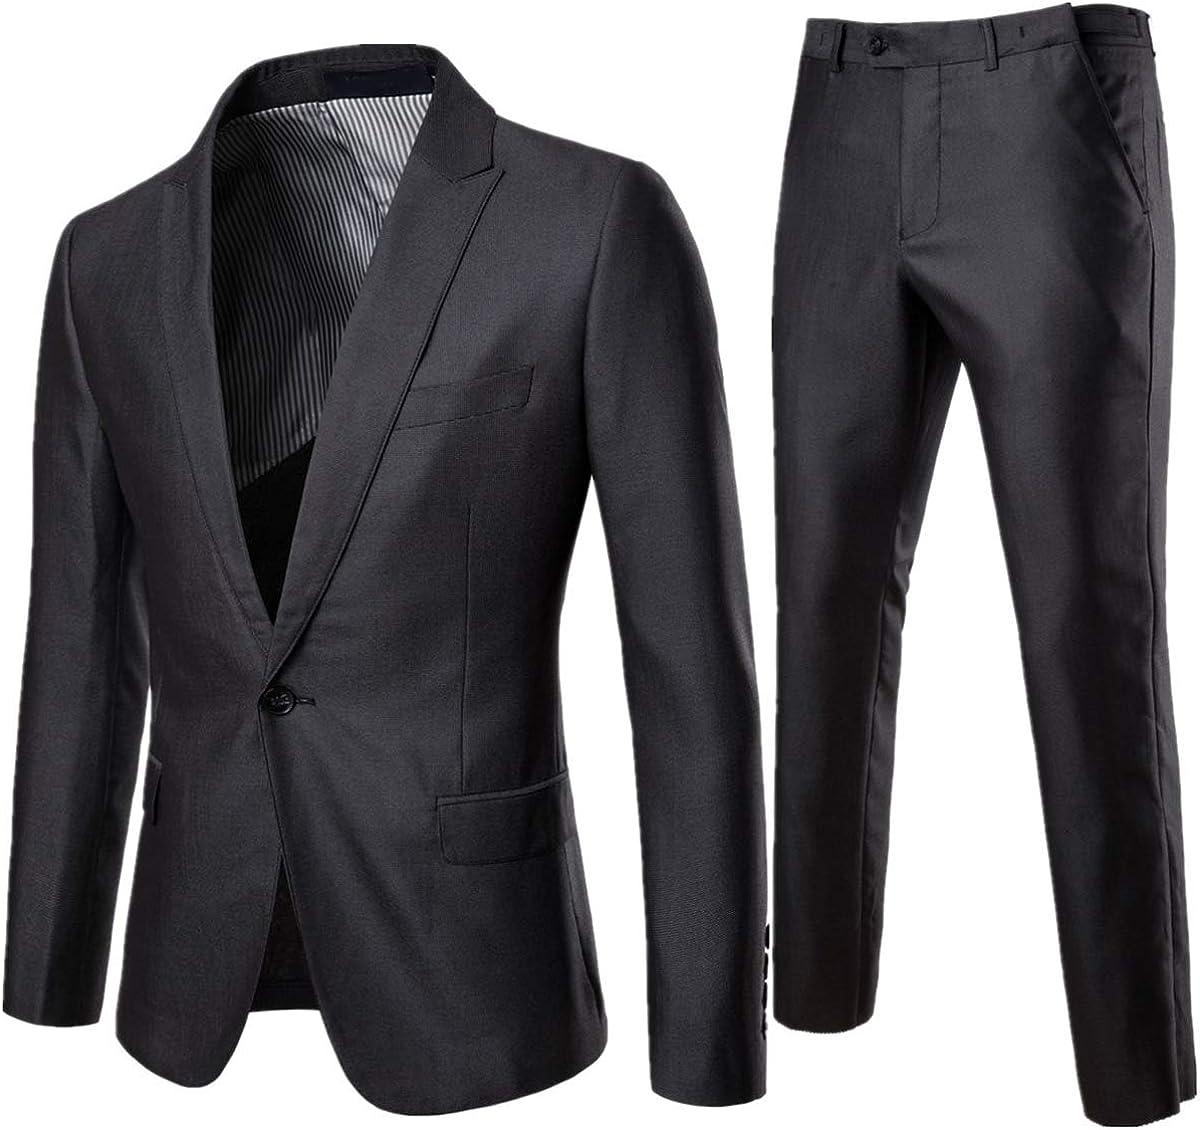 AOWOFS Herren Slim Fit Anzug 2 Teilig B/ügelfrei Herrenanzug Business Hochzeit Sakko Anzughose